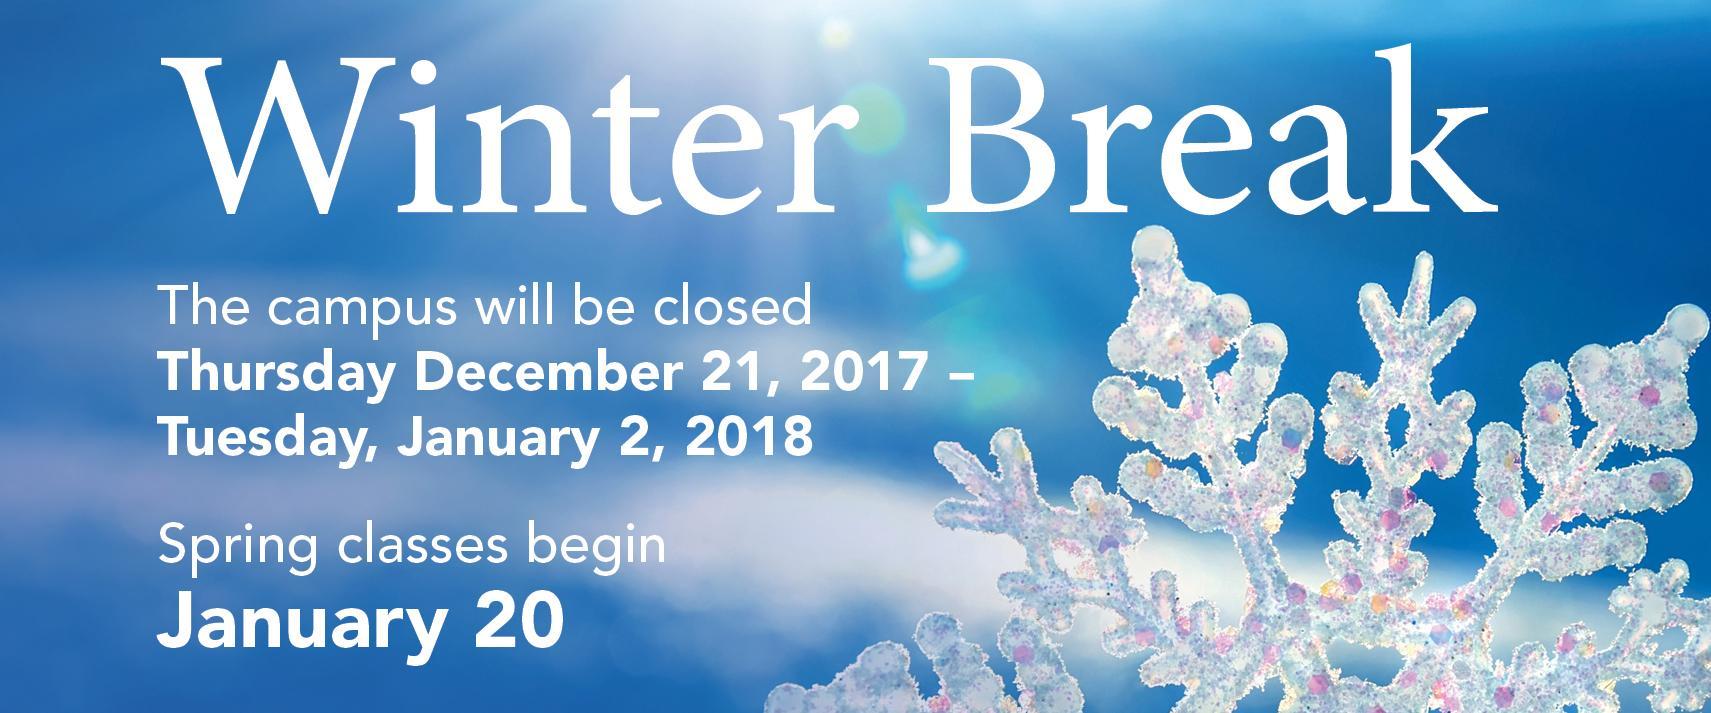 Winter Break 2017-18